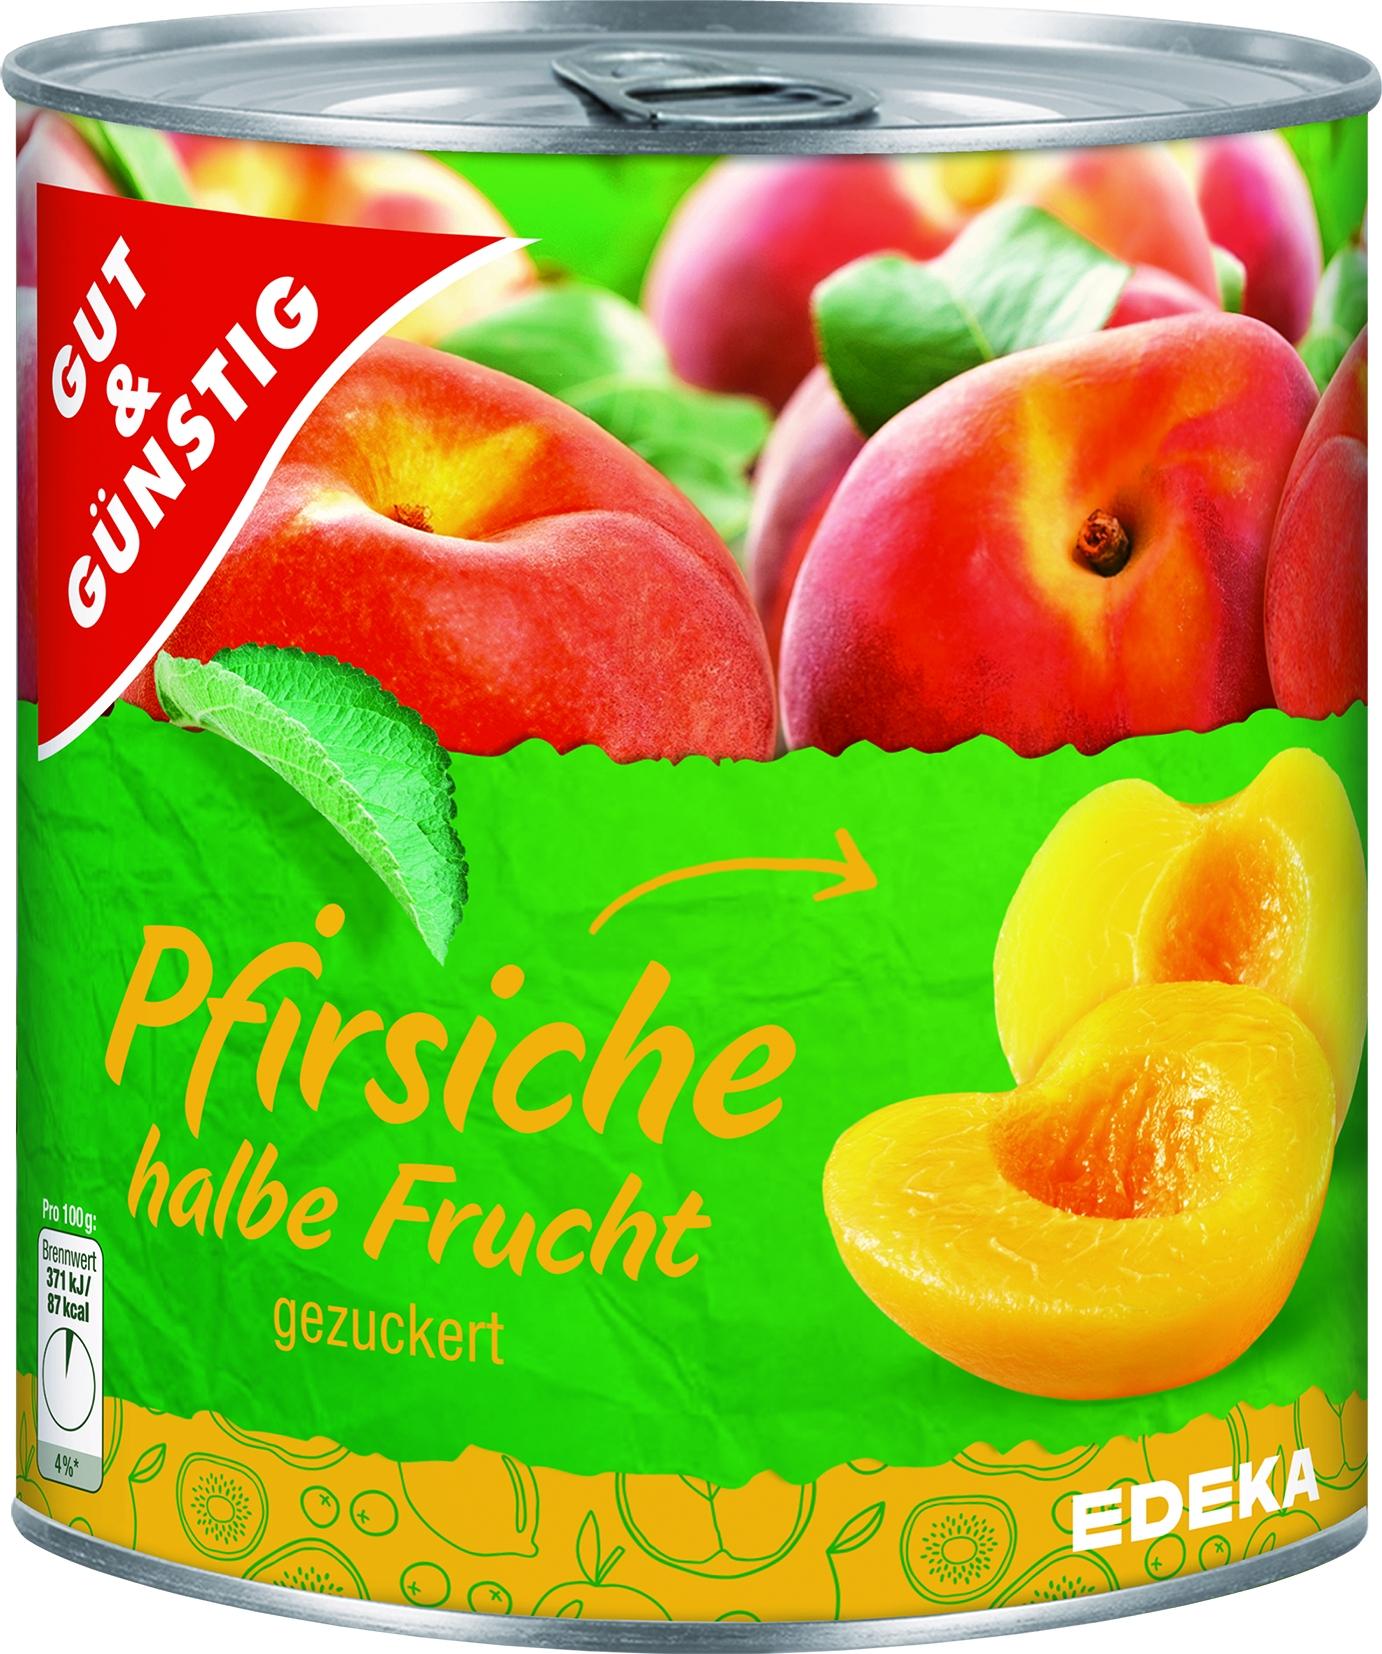 Pfirsiche 1/2 Frucht gezuckert